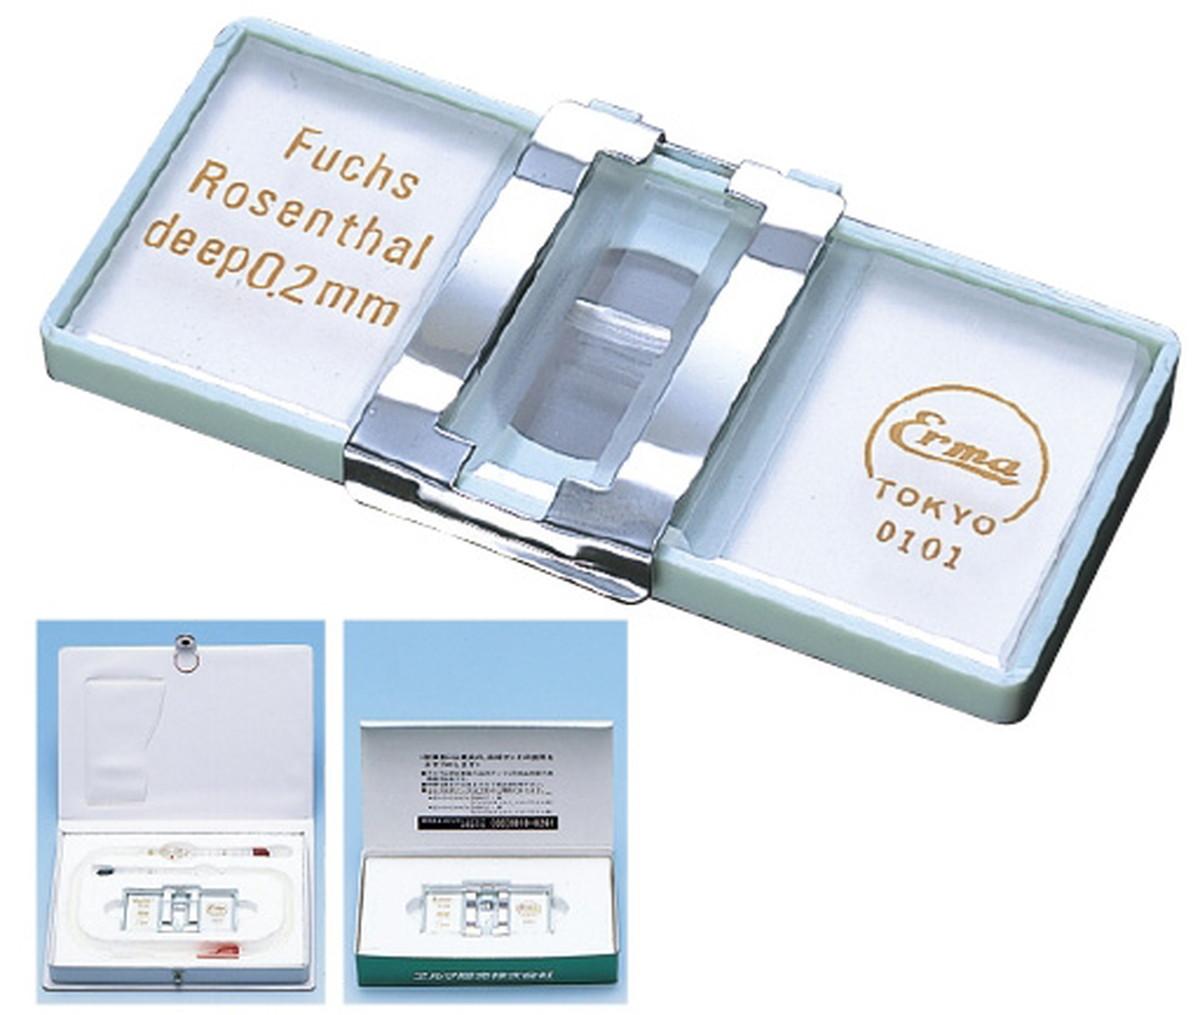 【送料無料】-血球計算器セットフックスローゼンタル 品番 my10-2175-01-- 1入り-【MY医科器機】JAN 4560196151420